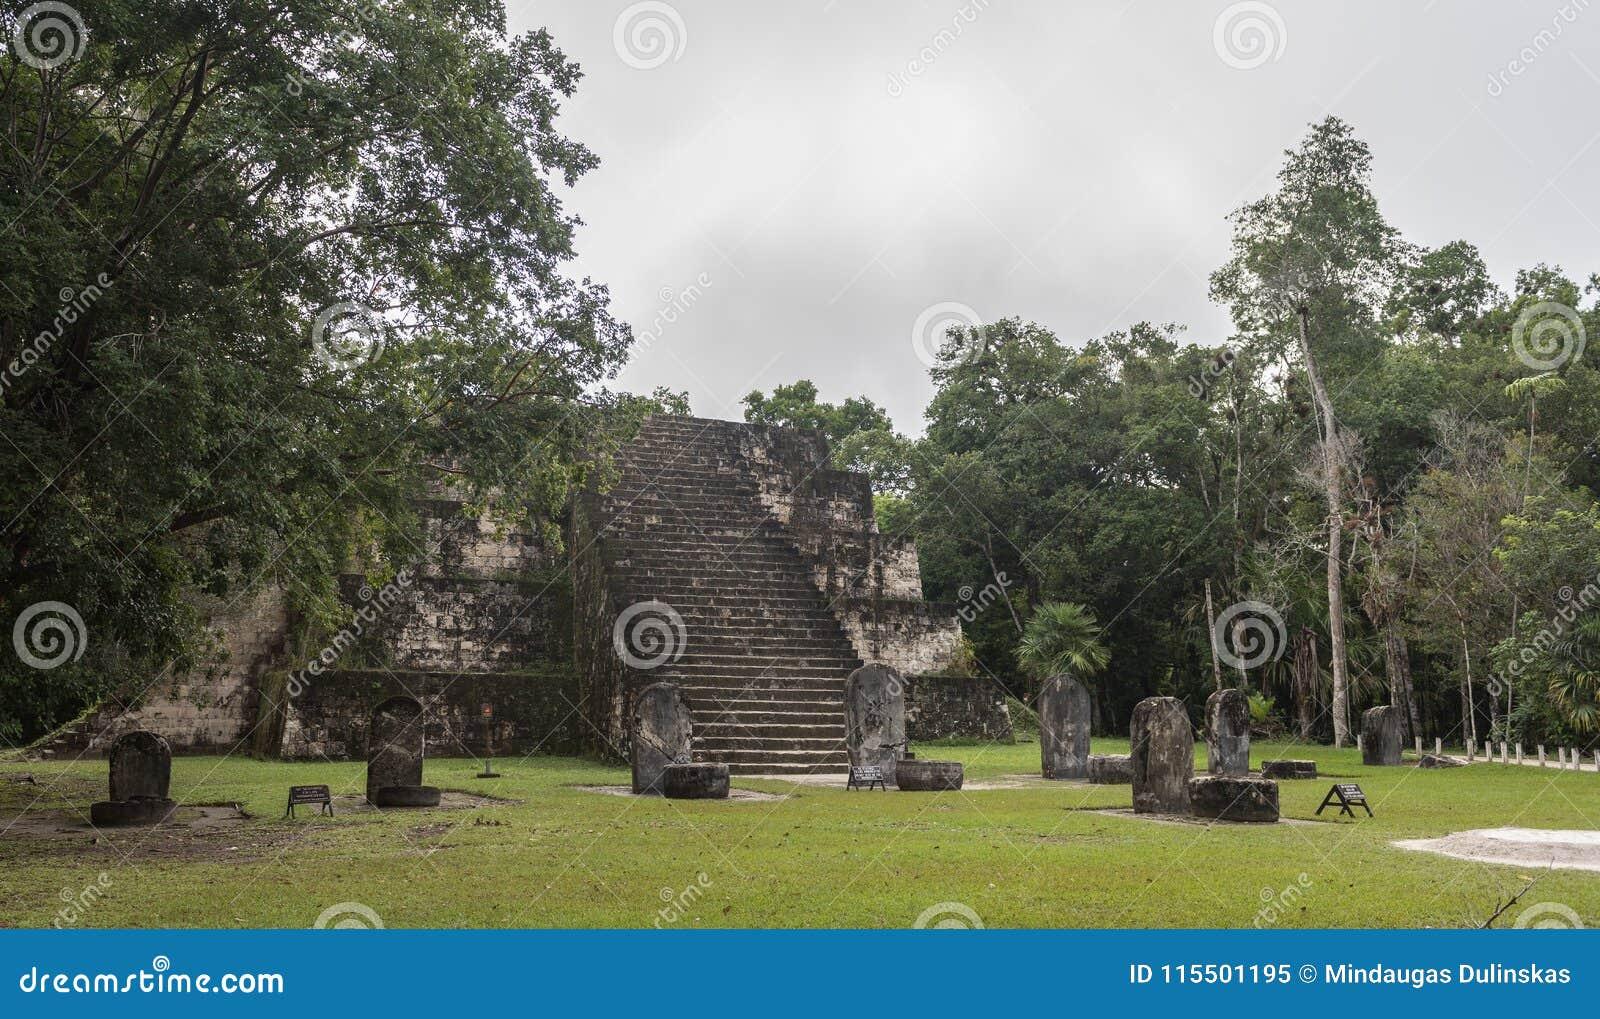 Pirâmide e o templo no parque de Tikal Objeto Sightseeing na Guatemala com templos maias e ruínas do Ceremonial Tikal é um antigo